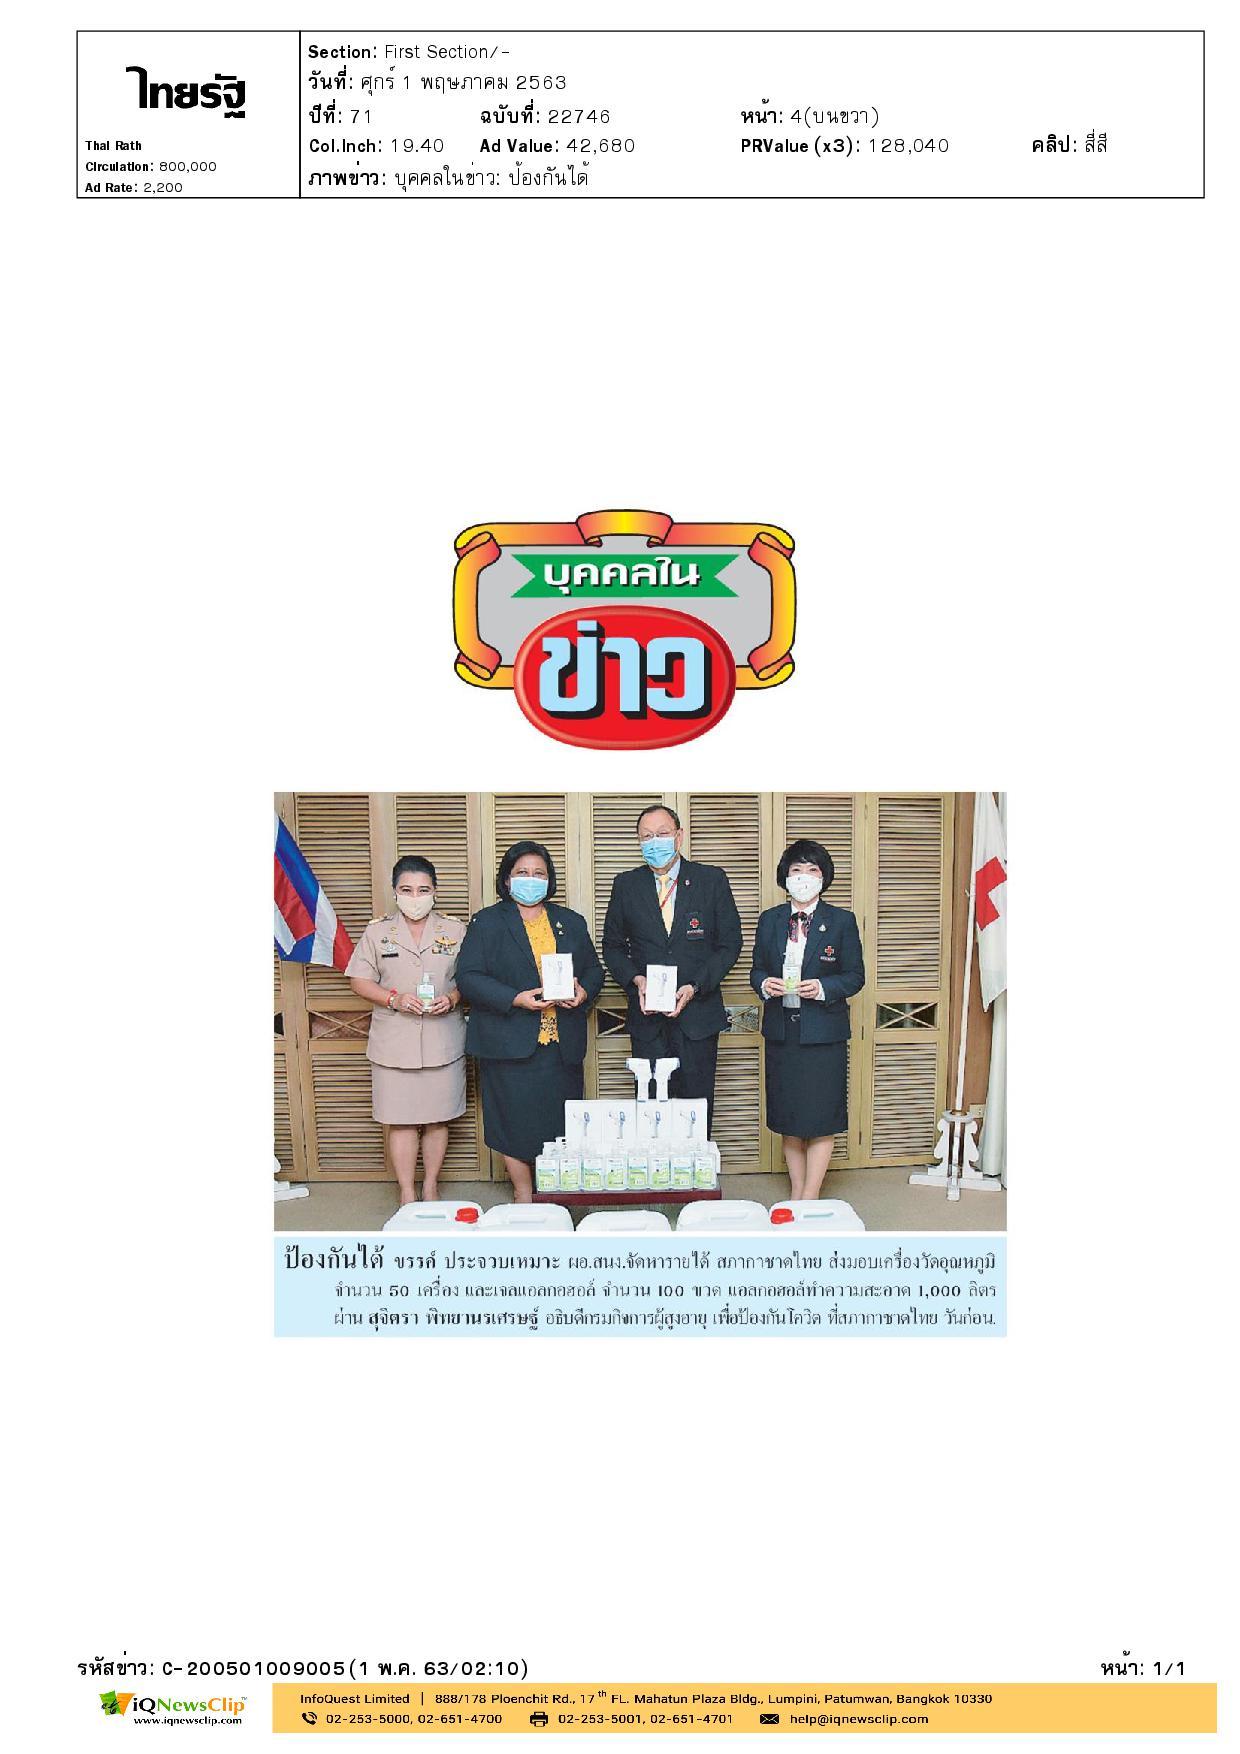 สภากาชาดไทย ส่งมอบเครื่องวัดอุณหภูมิ